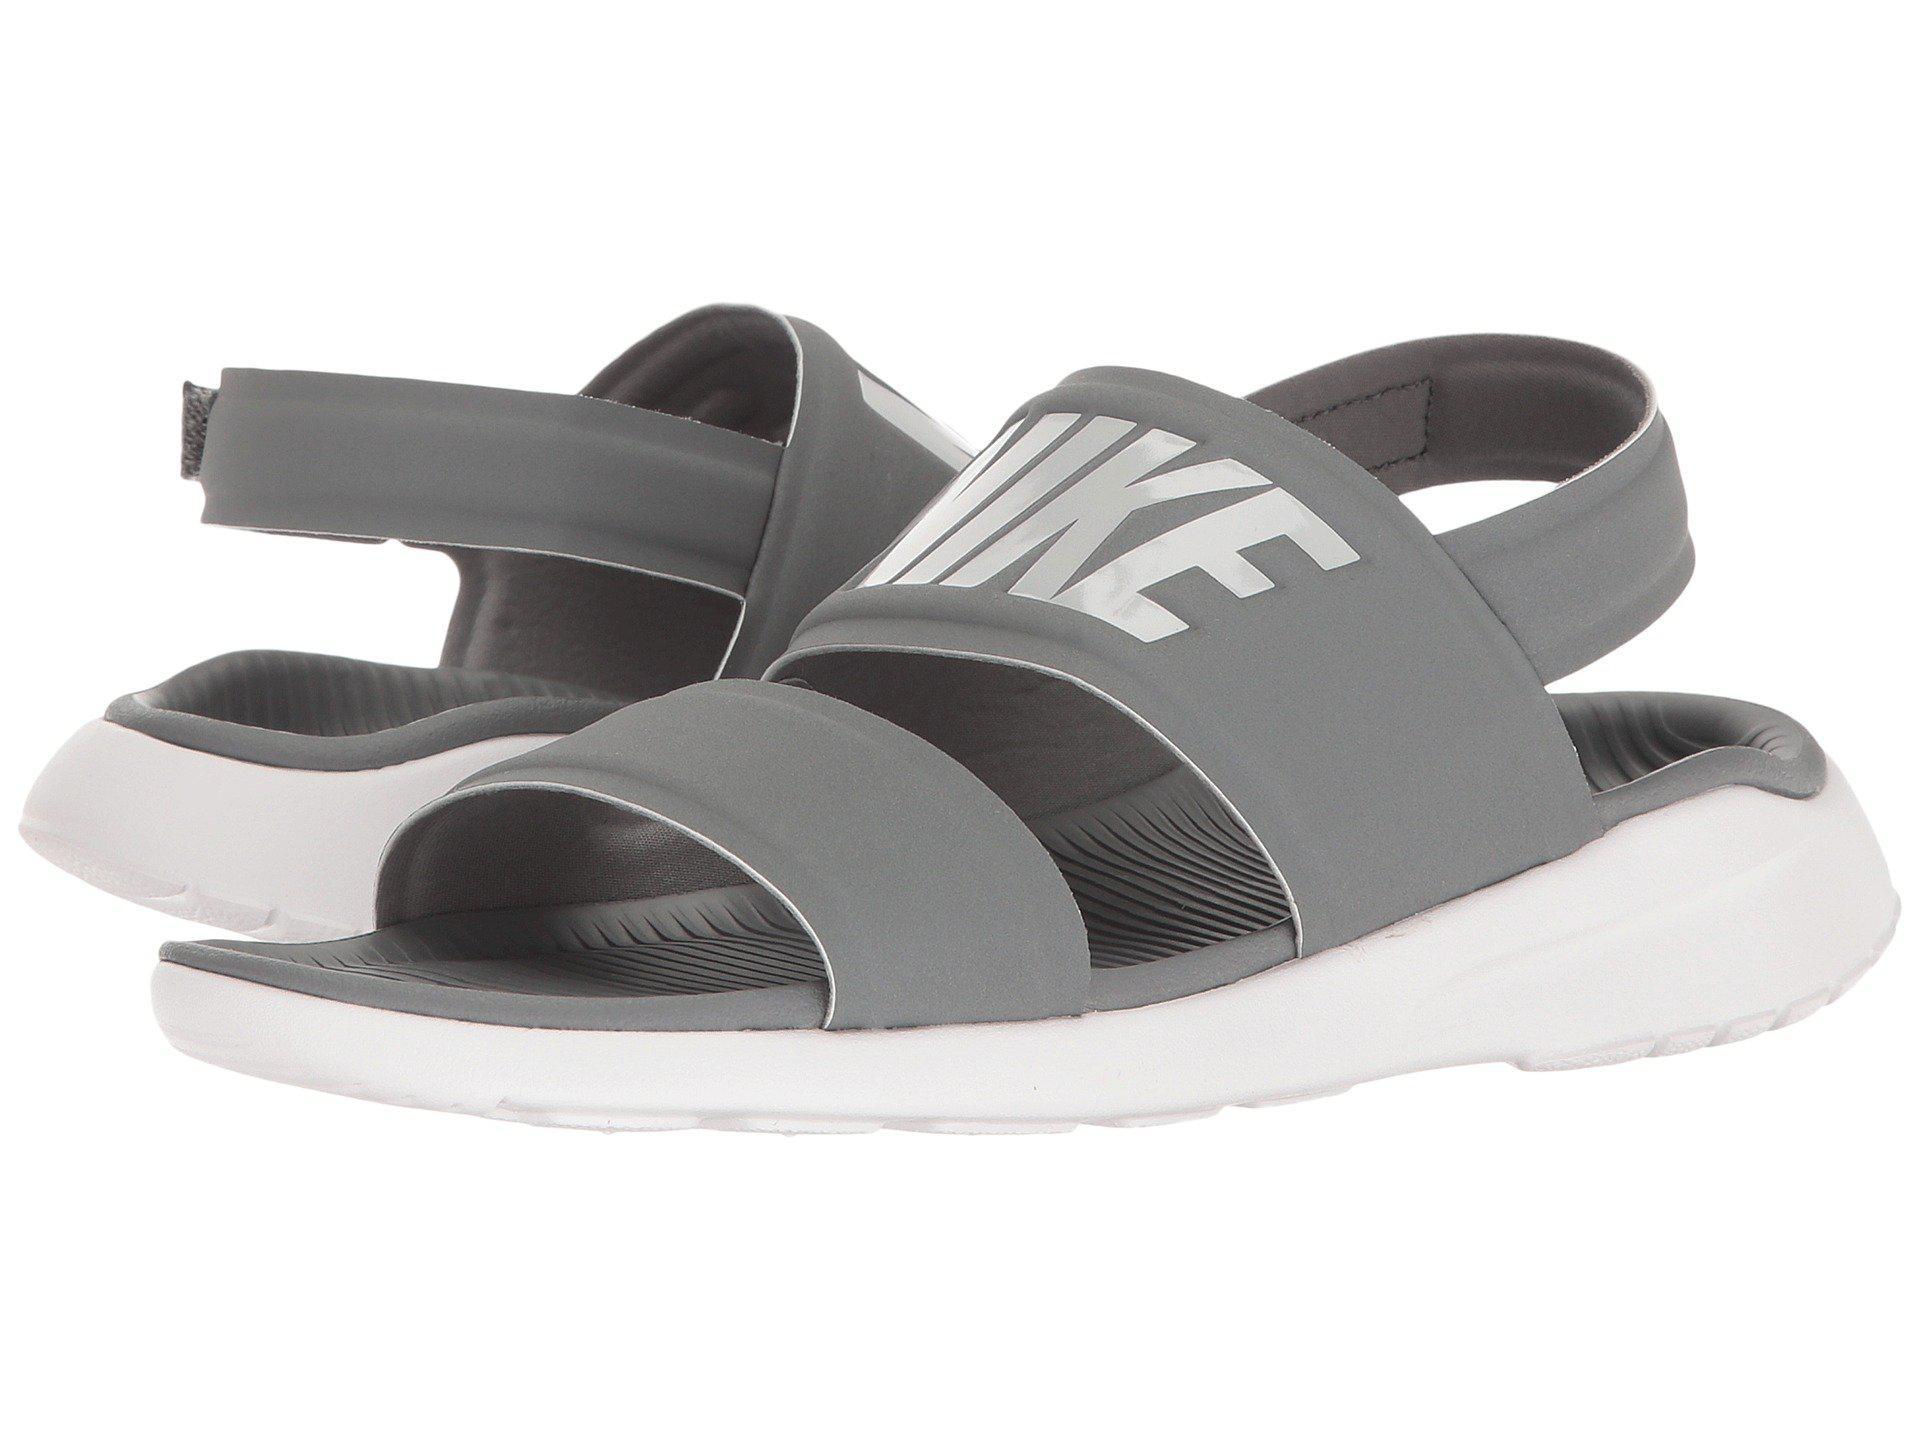 8750231c8f92 ... coupon lyst nike tanjun sandal black black white womens shoes in gray  f789e 509bc